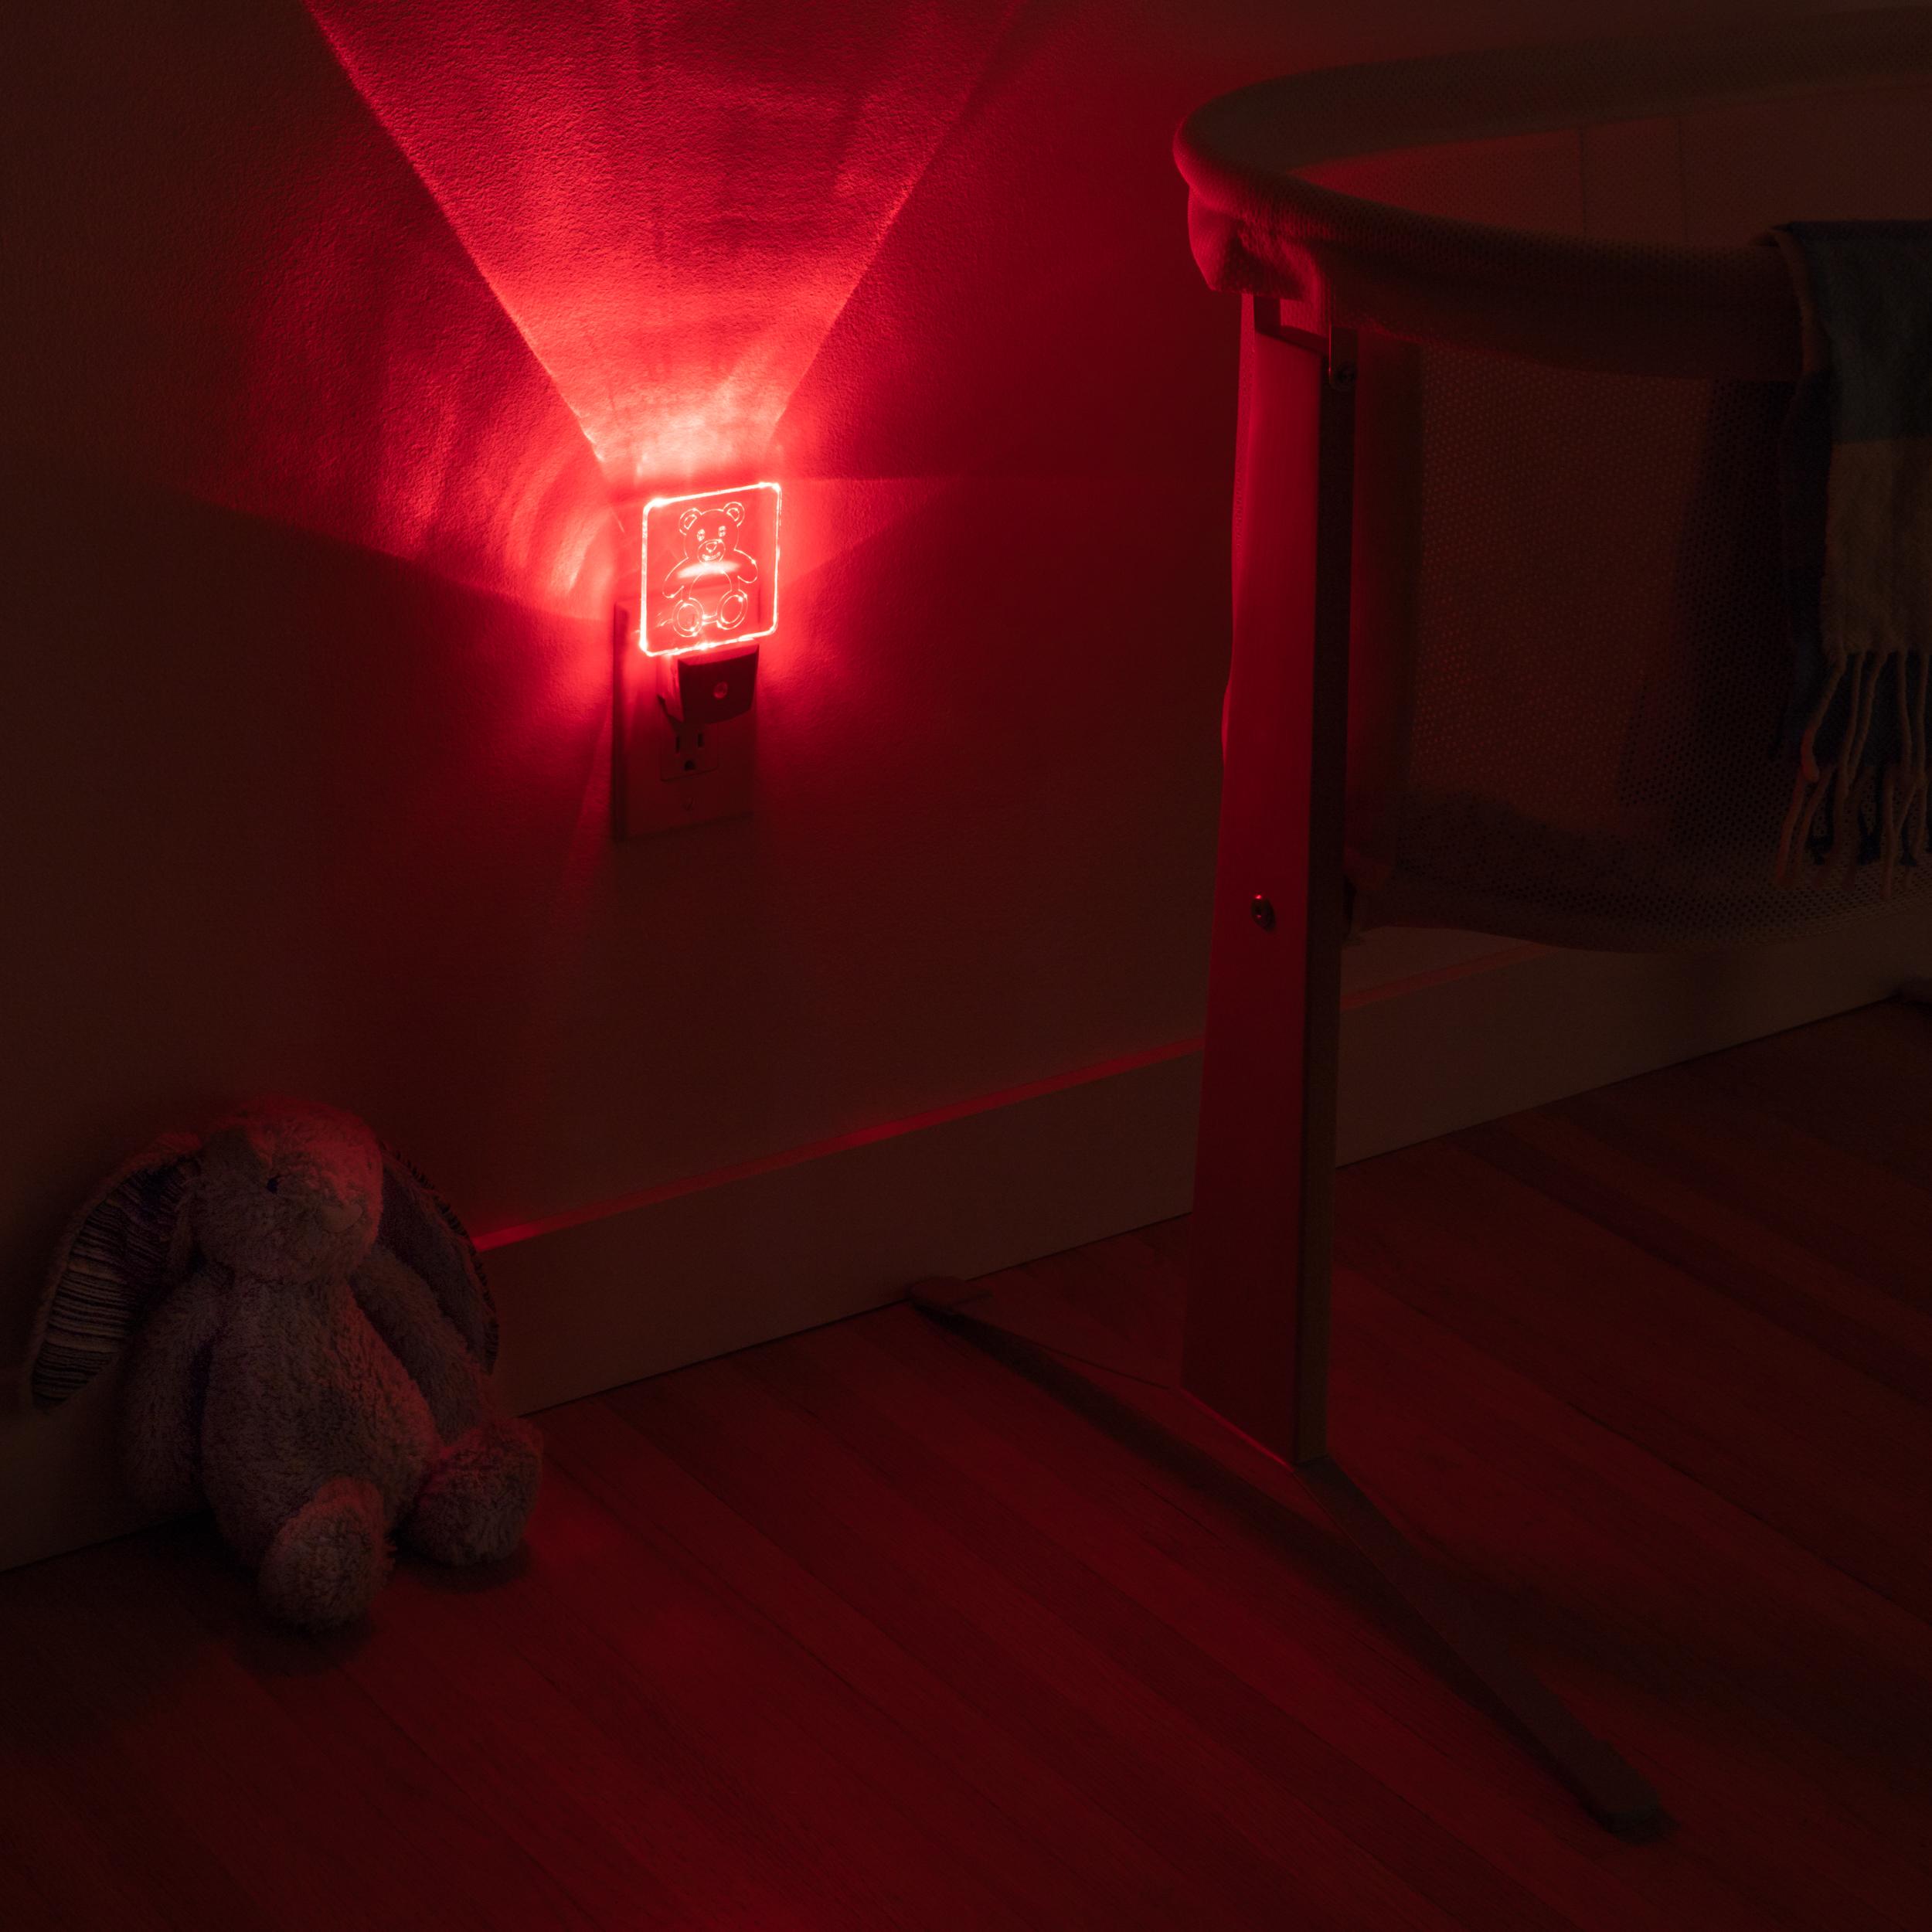 Night Light-5.jpg